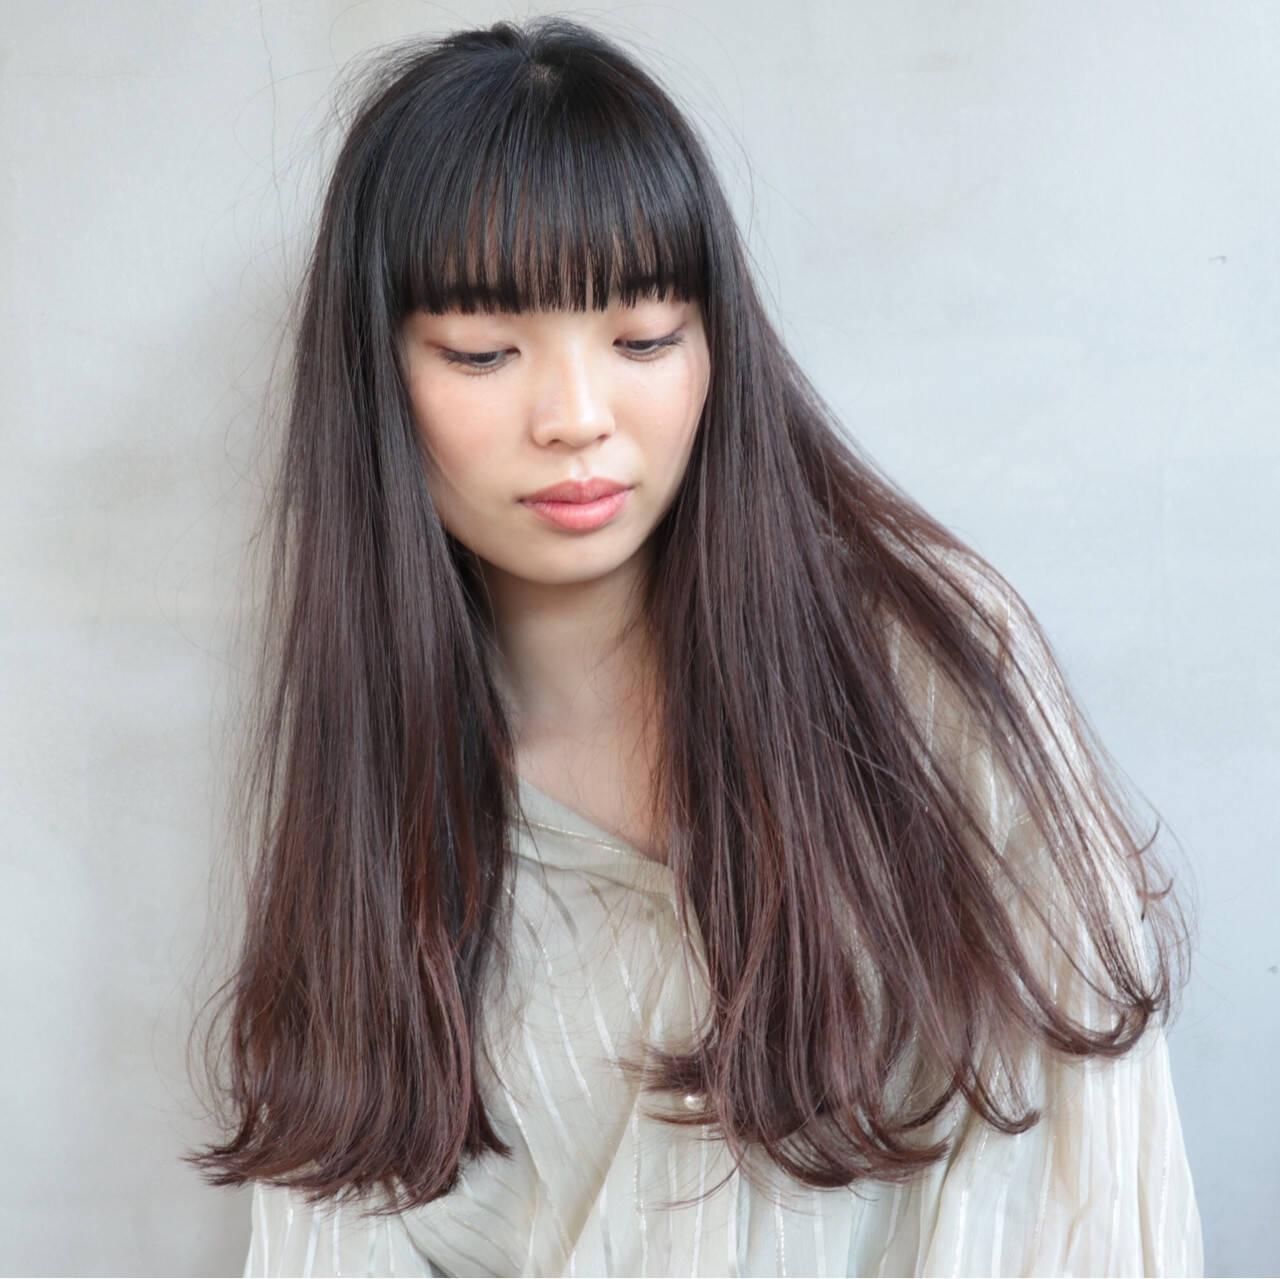 切りっぱなし ロング ブラントカット 透明感ヘアスタイルや髪型の写真・画像